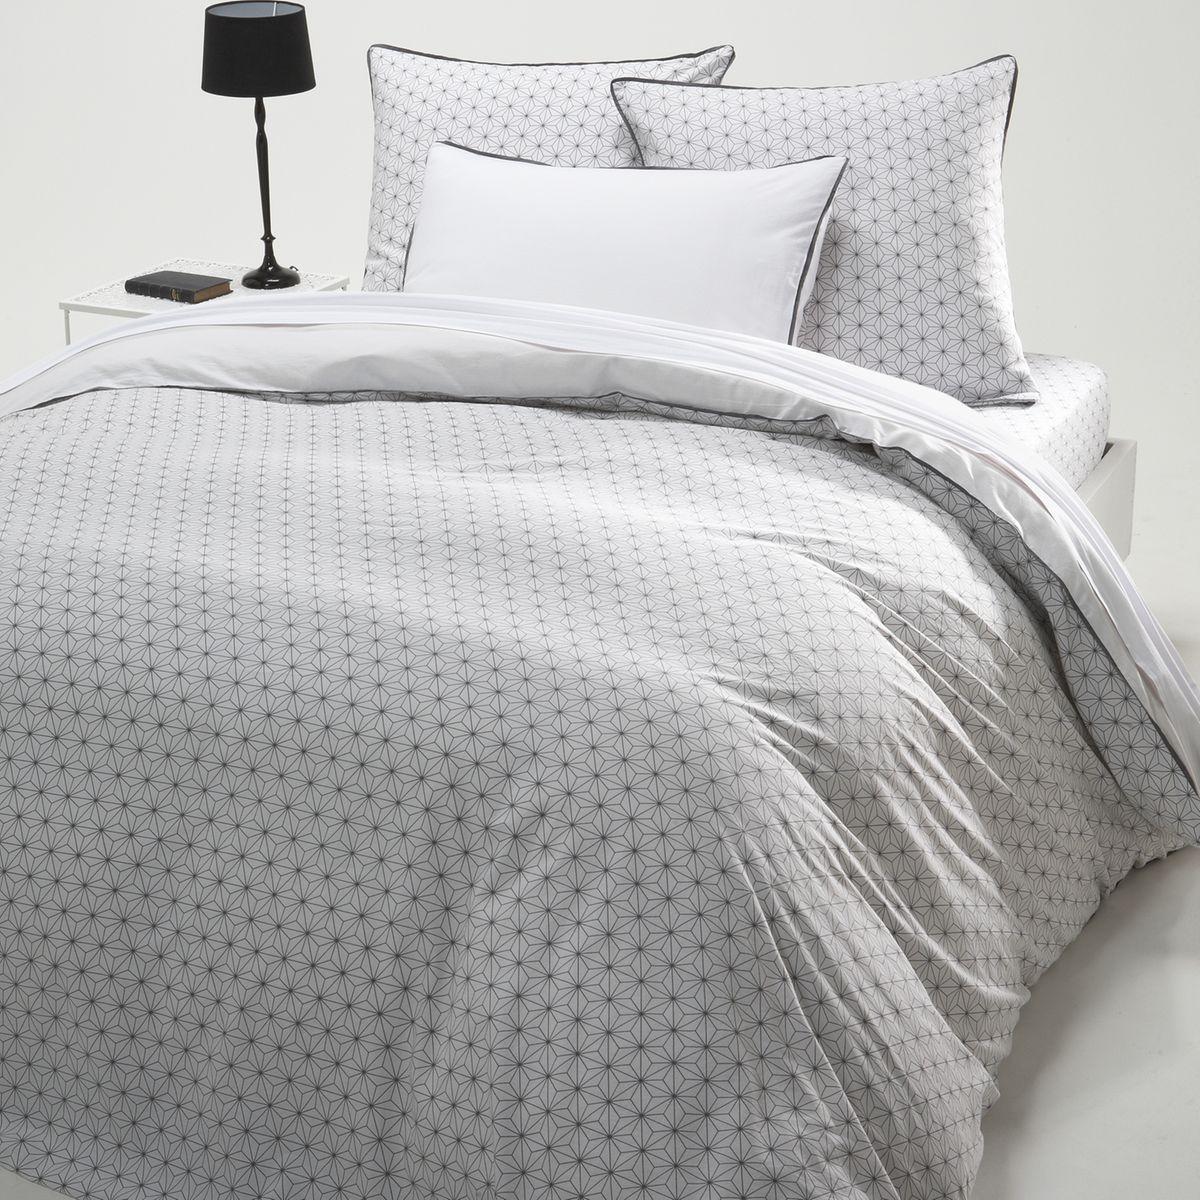 housse de couette coton nordic wish list winter 2016. Black Bedroom Furniture Sets. Home Design Ideas